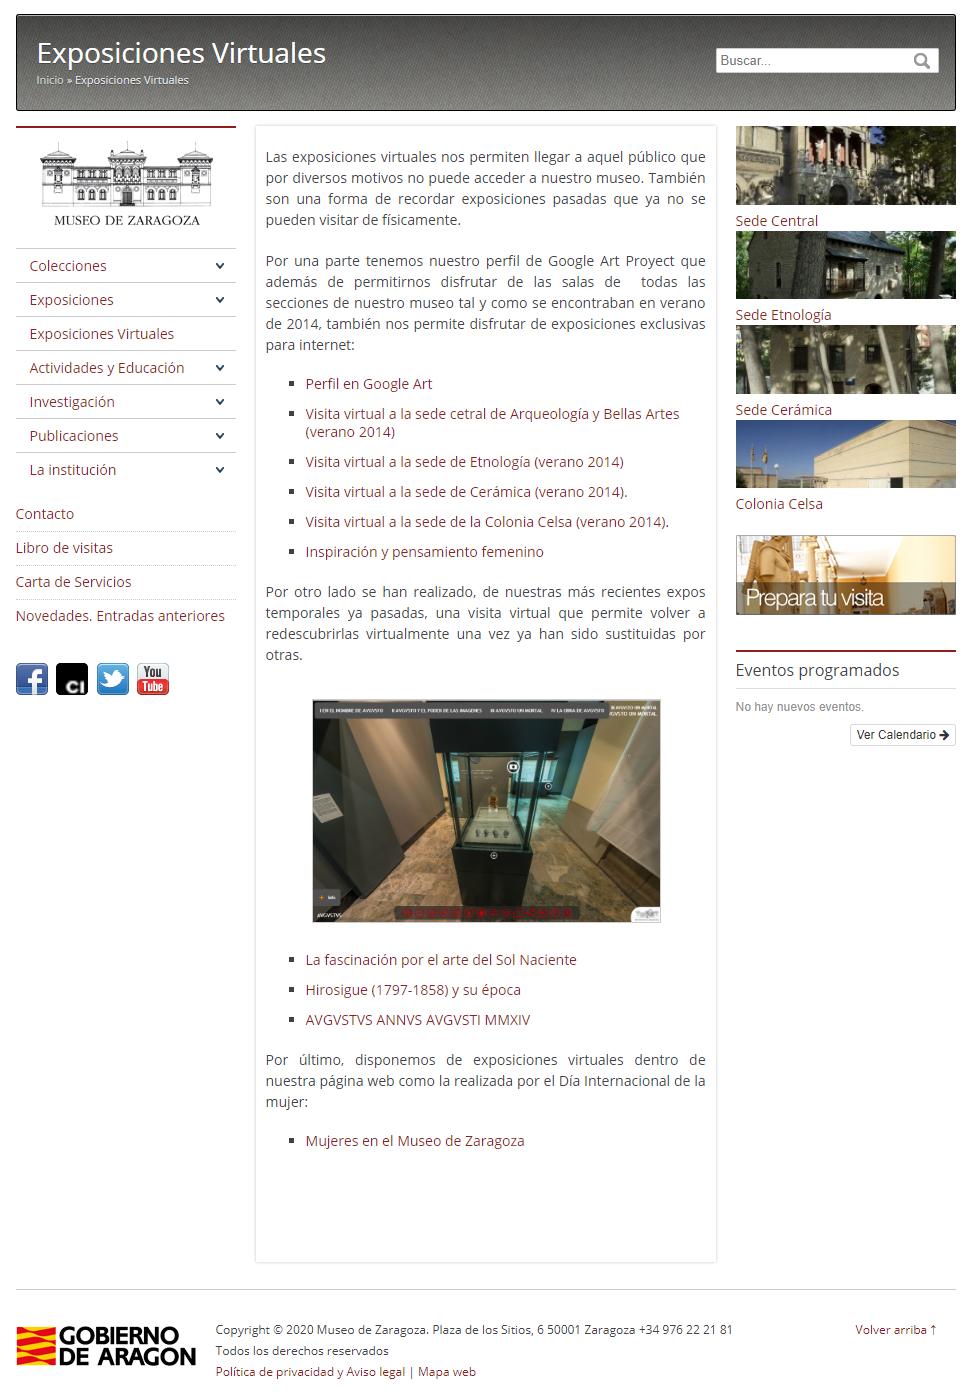 Sección de Exposiciones Virtuales en nuestra web.